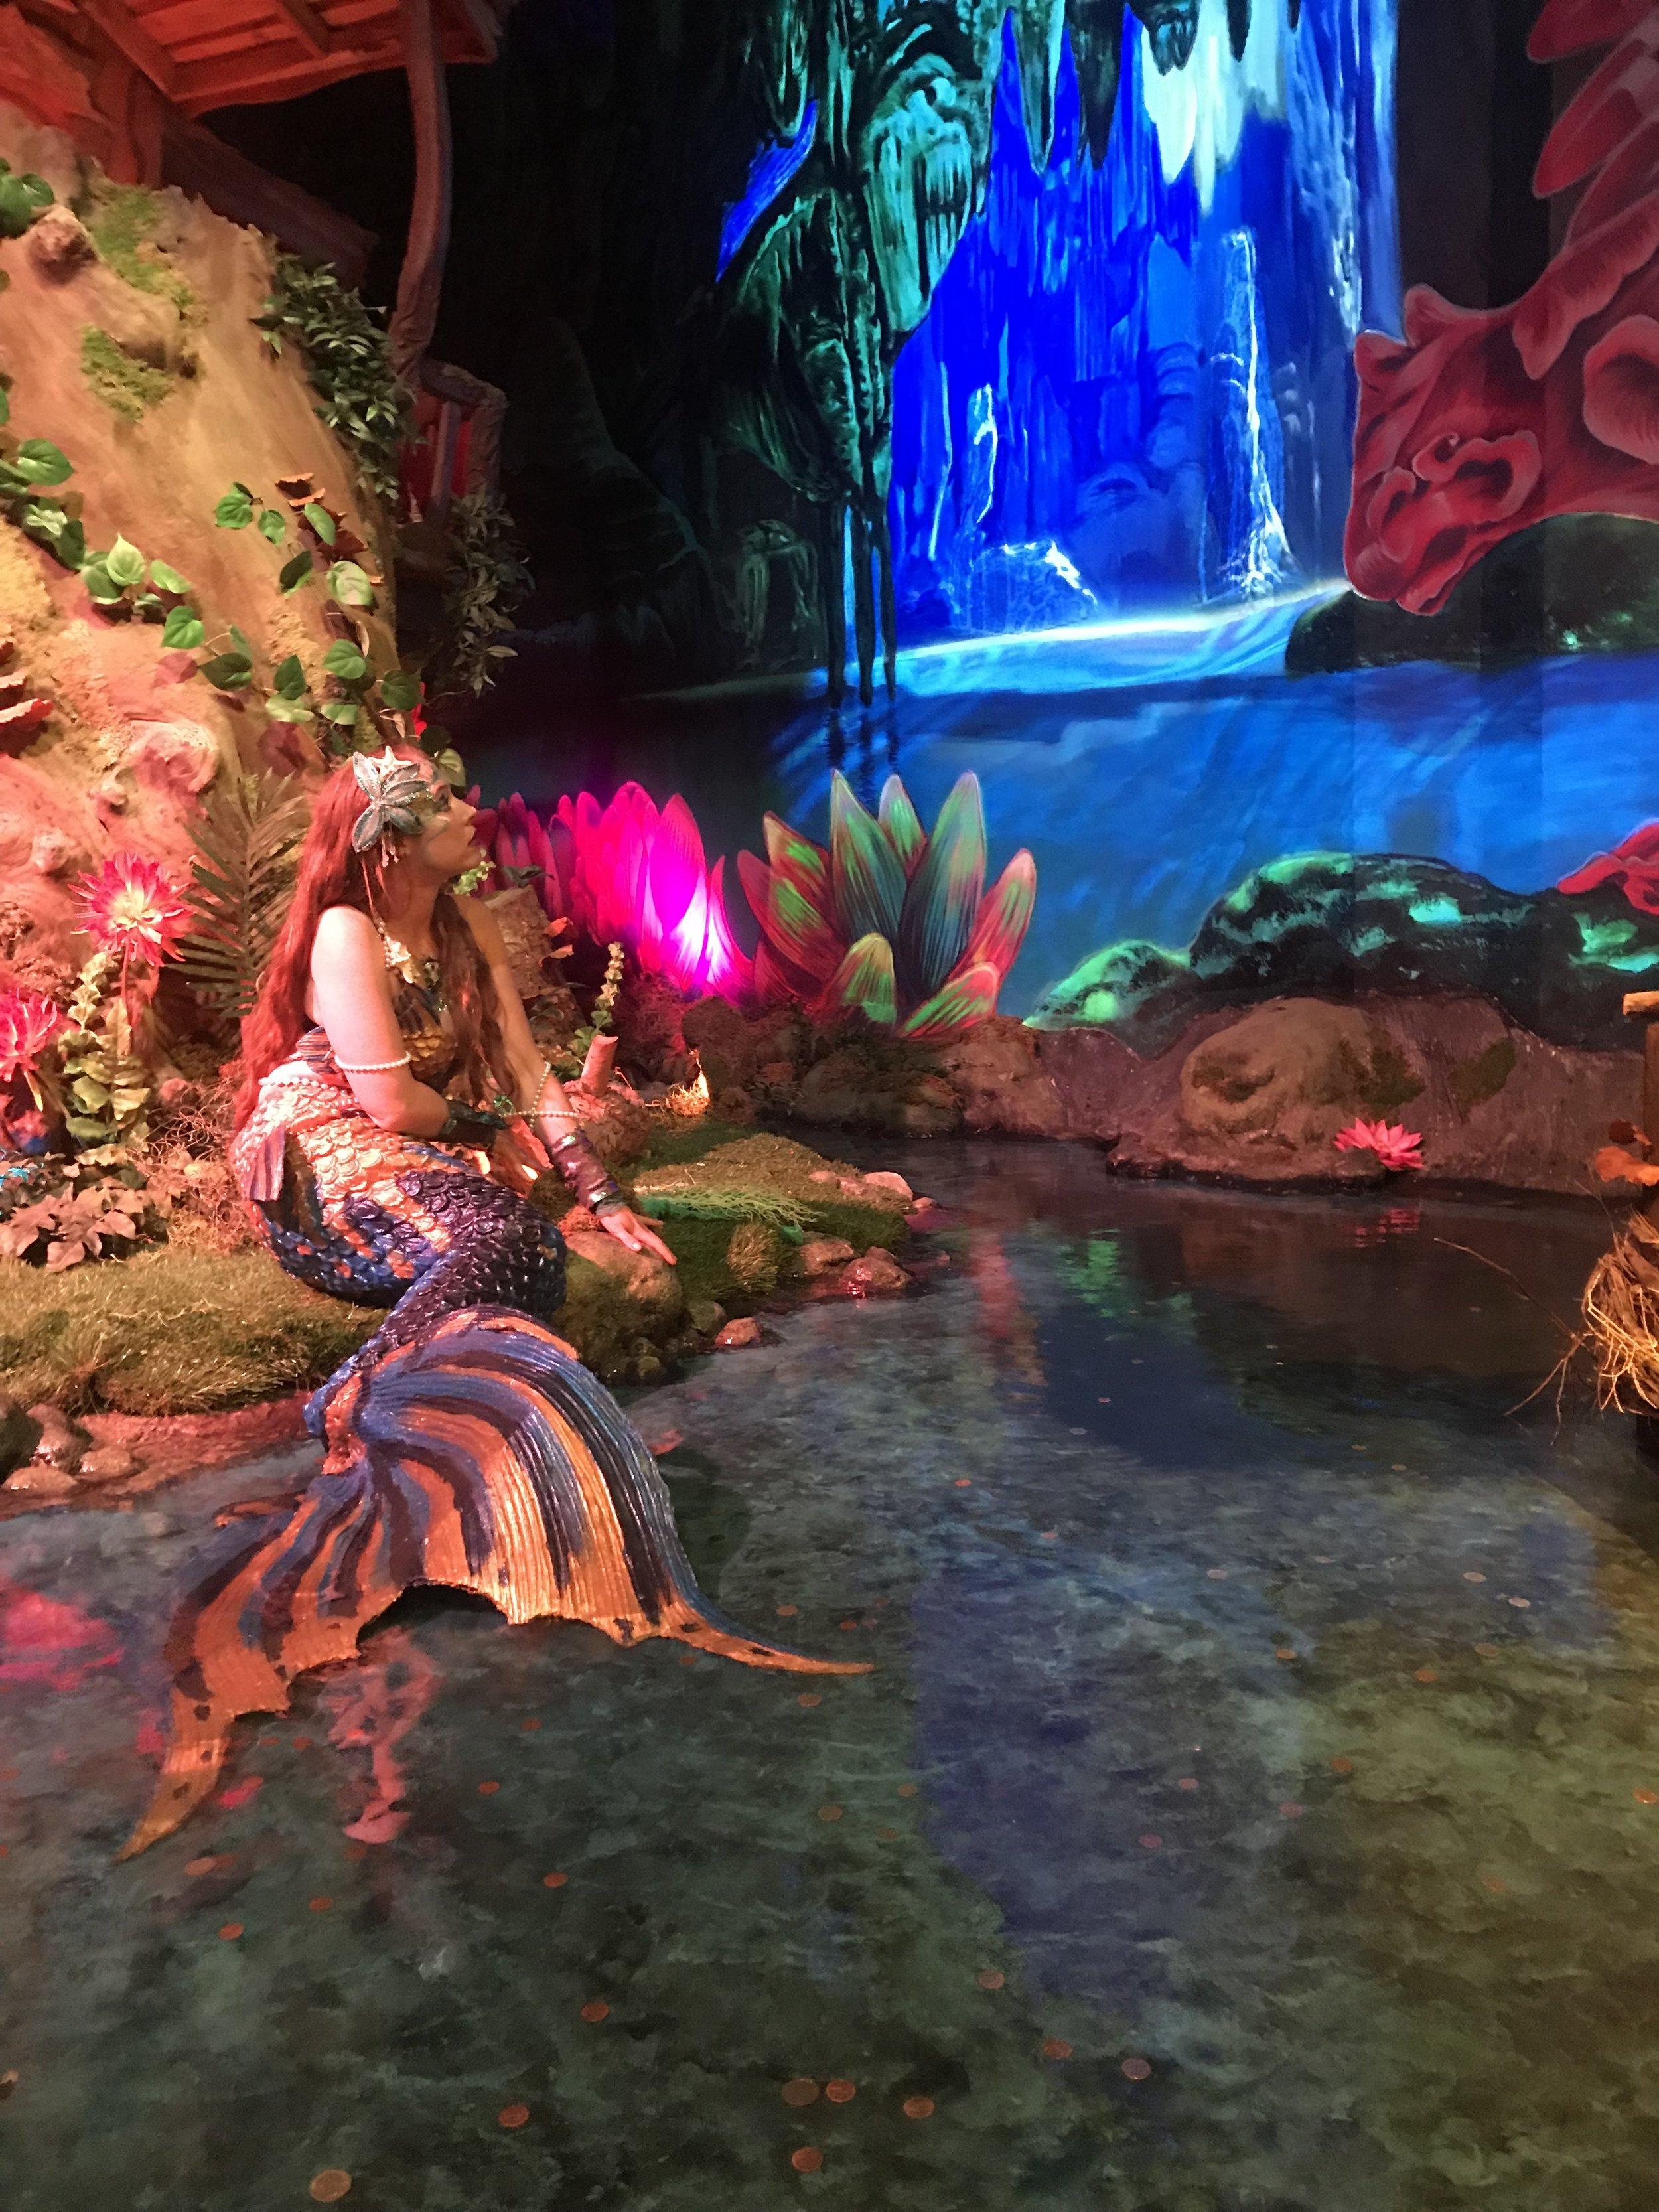 Mermaid_visions.jpg